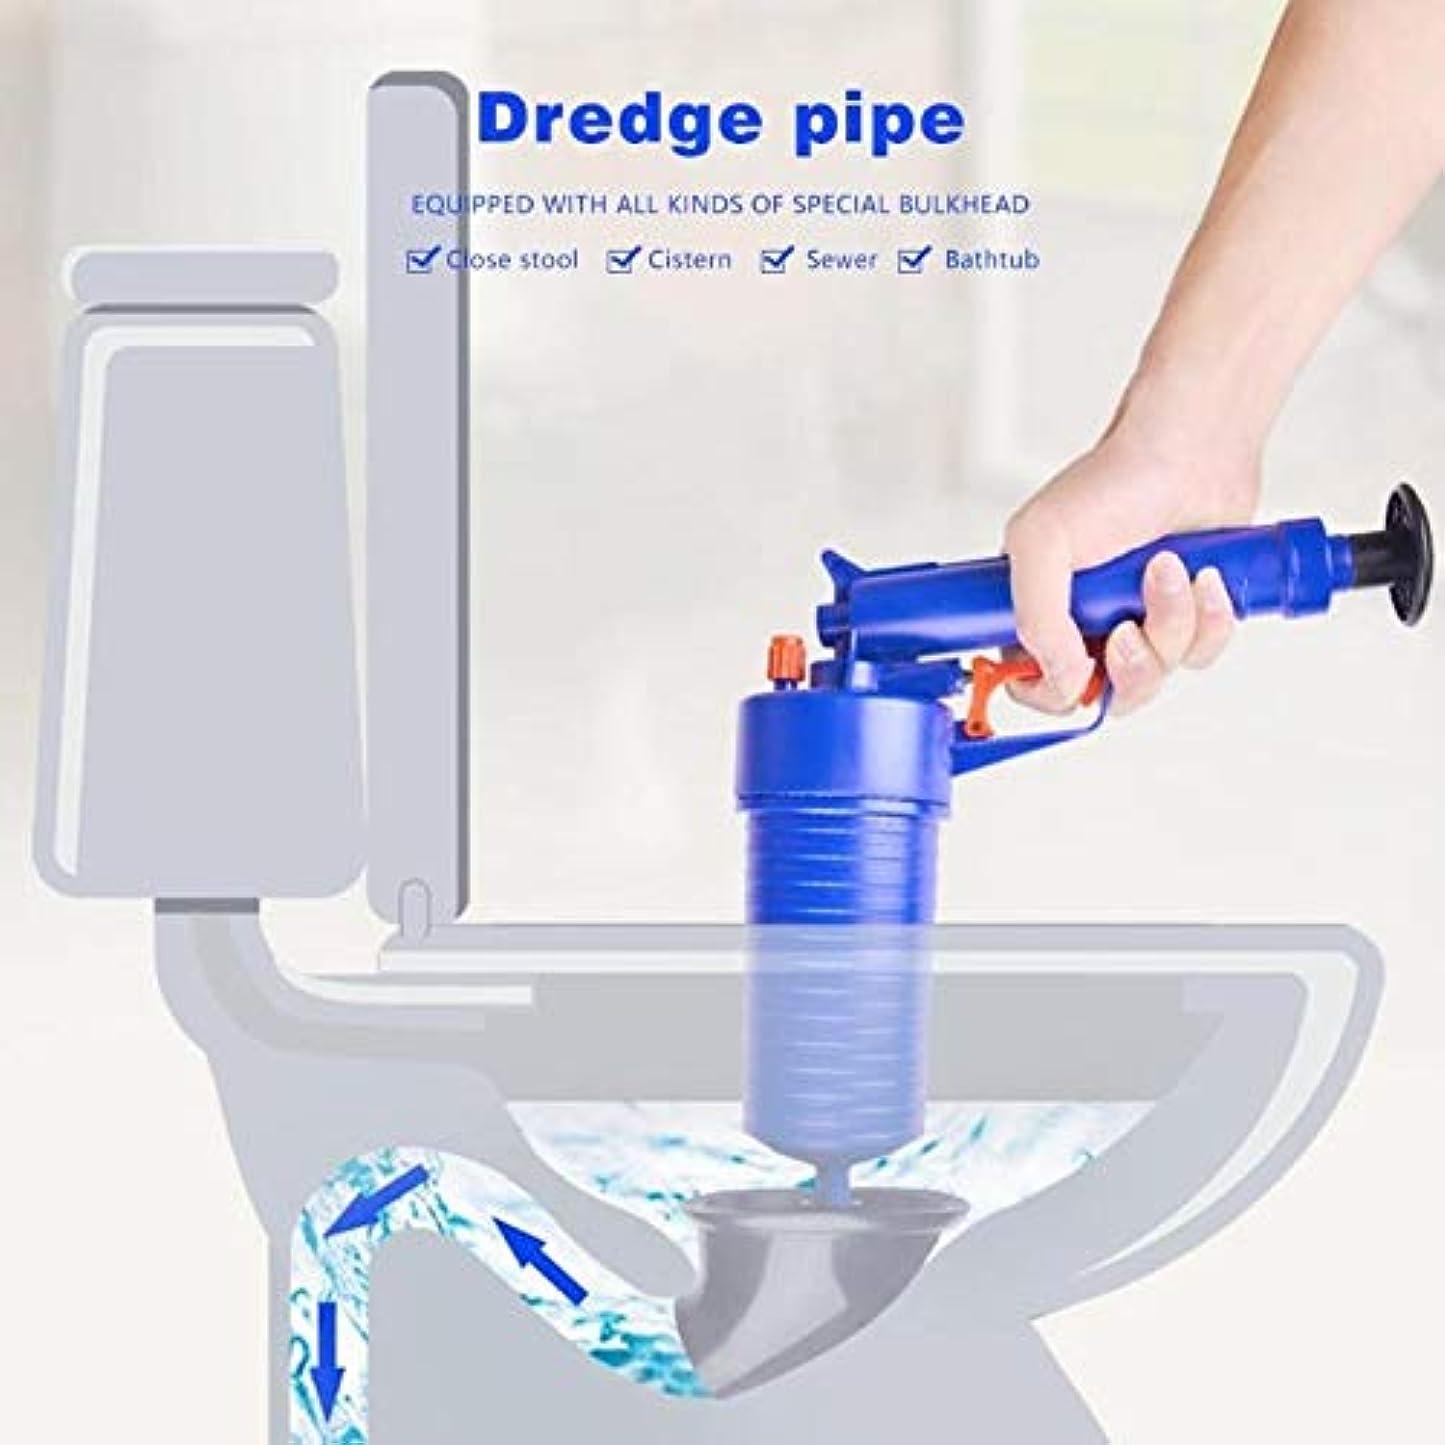 獣スペード調査トイレ 排水管クリーナーエアパワードレインブラスターガン高圧強力な手動シンクプランジャーオープナークリーナーポンプ用トイレシャワー新しい